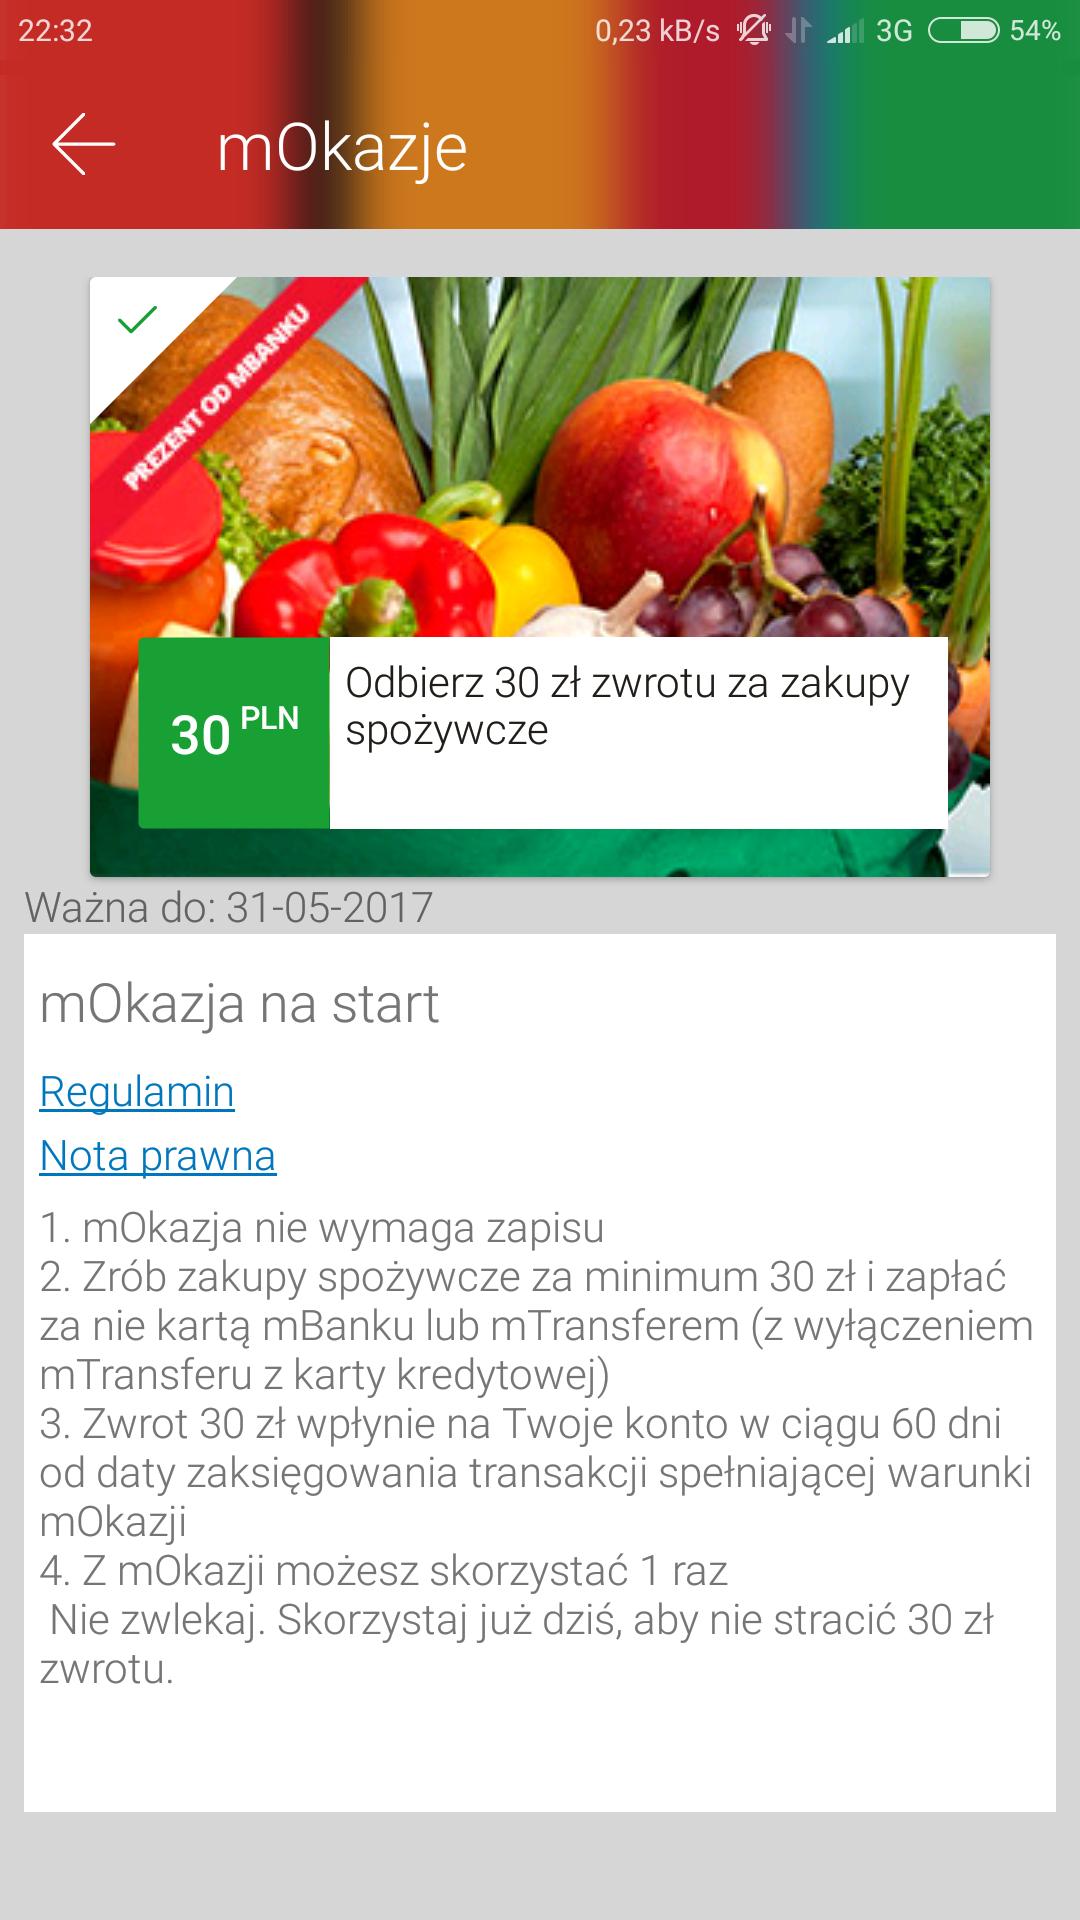 Zwrot 30zl za zakupy kartą w mBanku